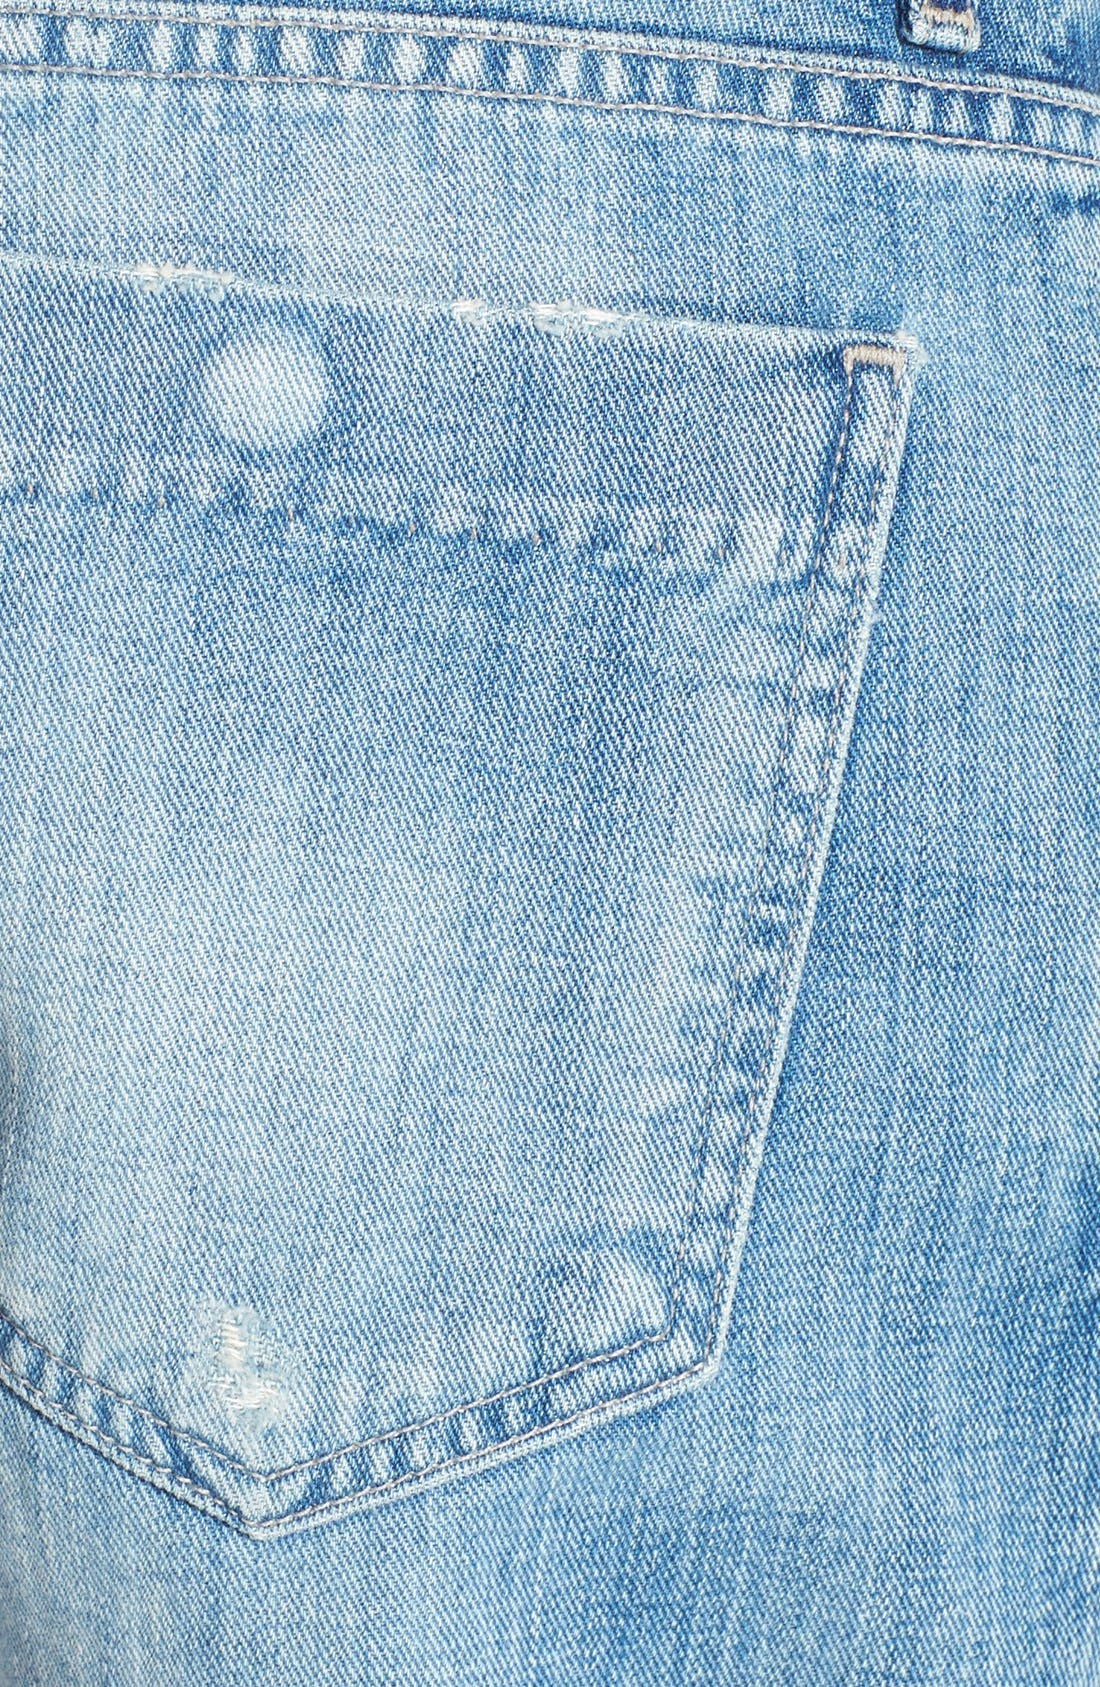 'Skler' Denim Shorts,                             Alternate thumbnail 3, color,                             451